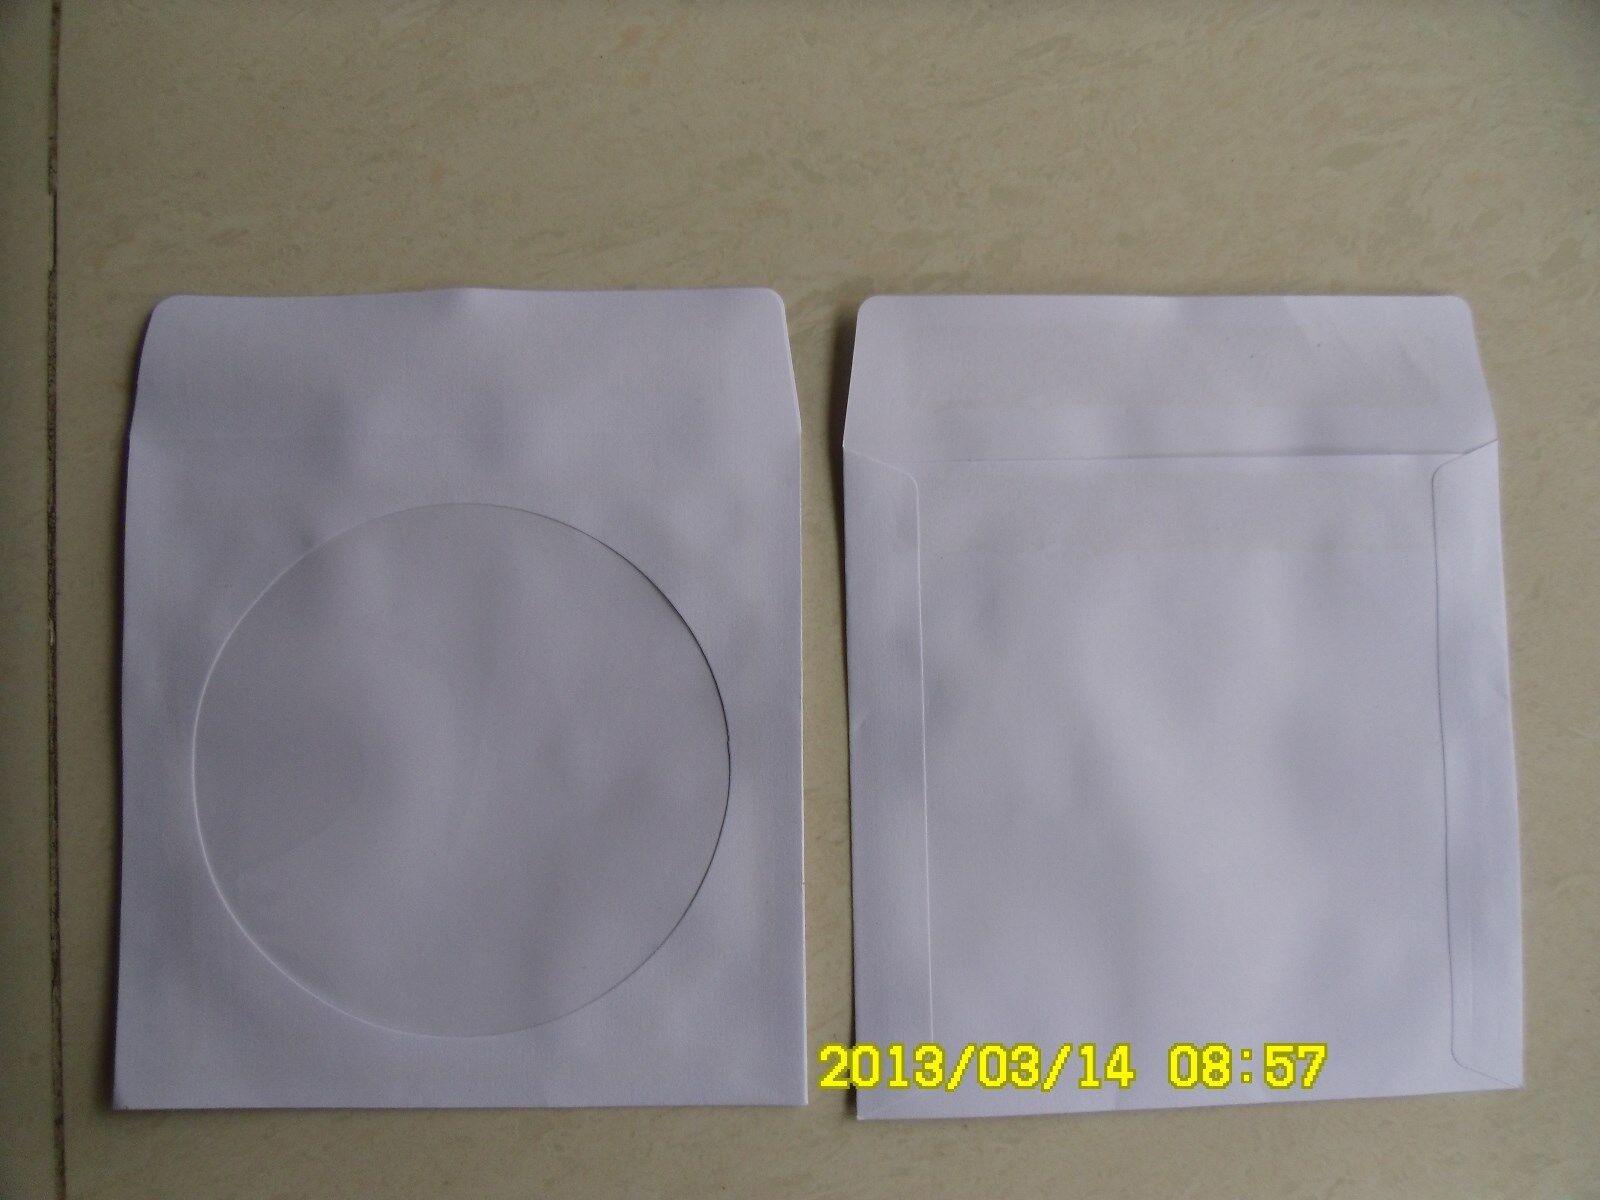 1000 120G NEW PAPER SLEEVE W WINDOW & GUMMED FLAP JS212